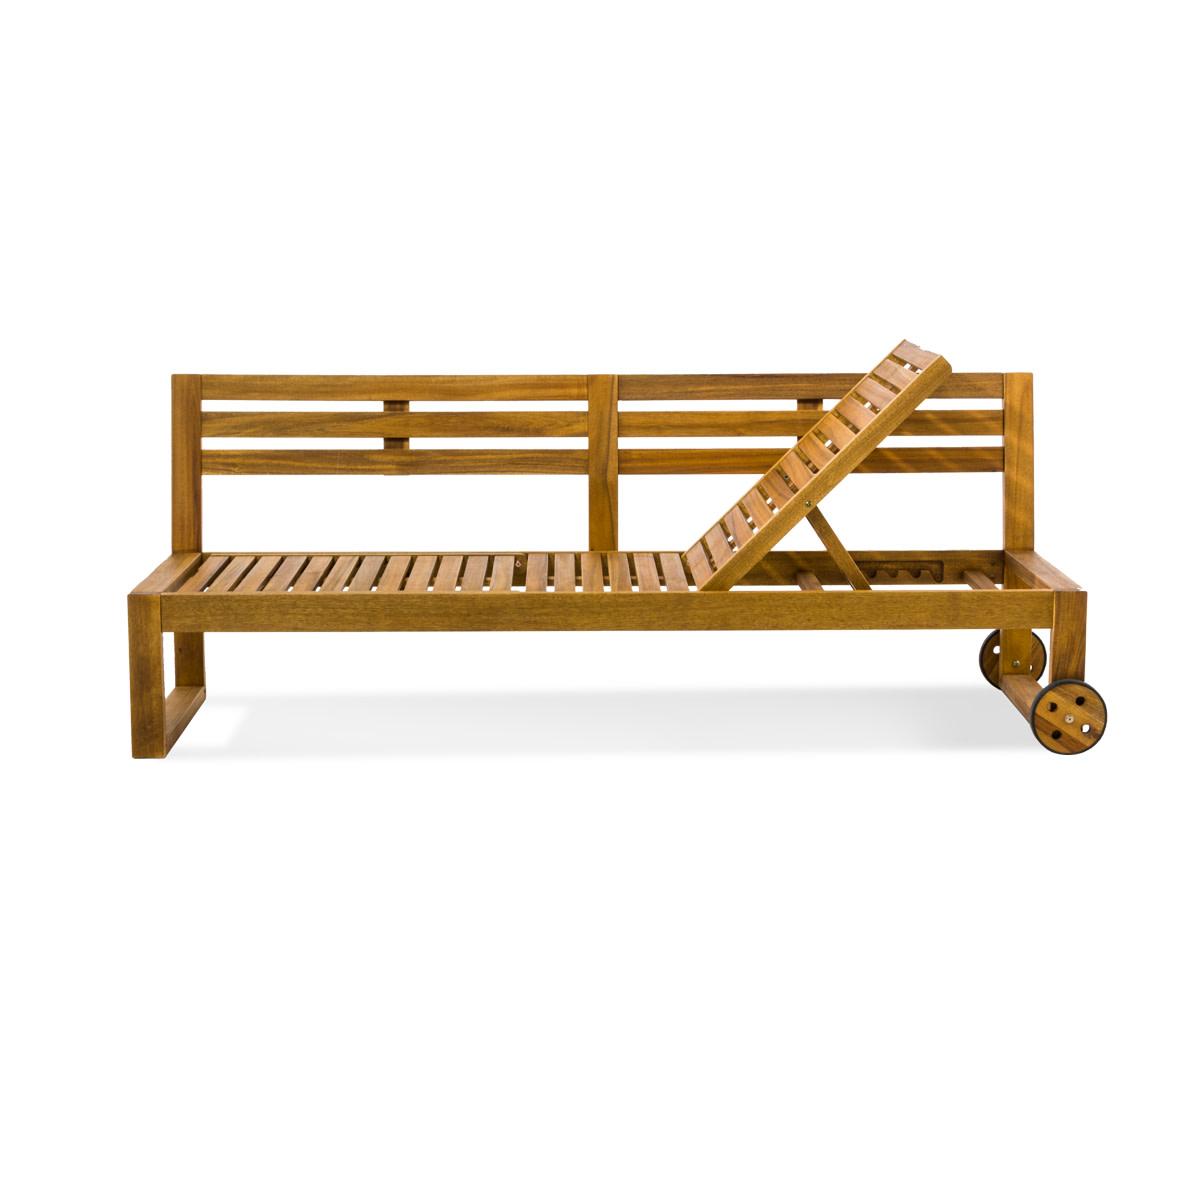 GartenmObel Holz Verstellbar ~   Holz 123cm Sitzbank 2 Sitzer Bank Gartenmöbel Holz on Pinterest